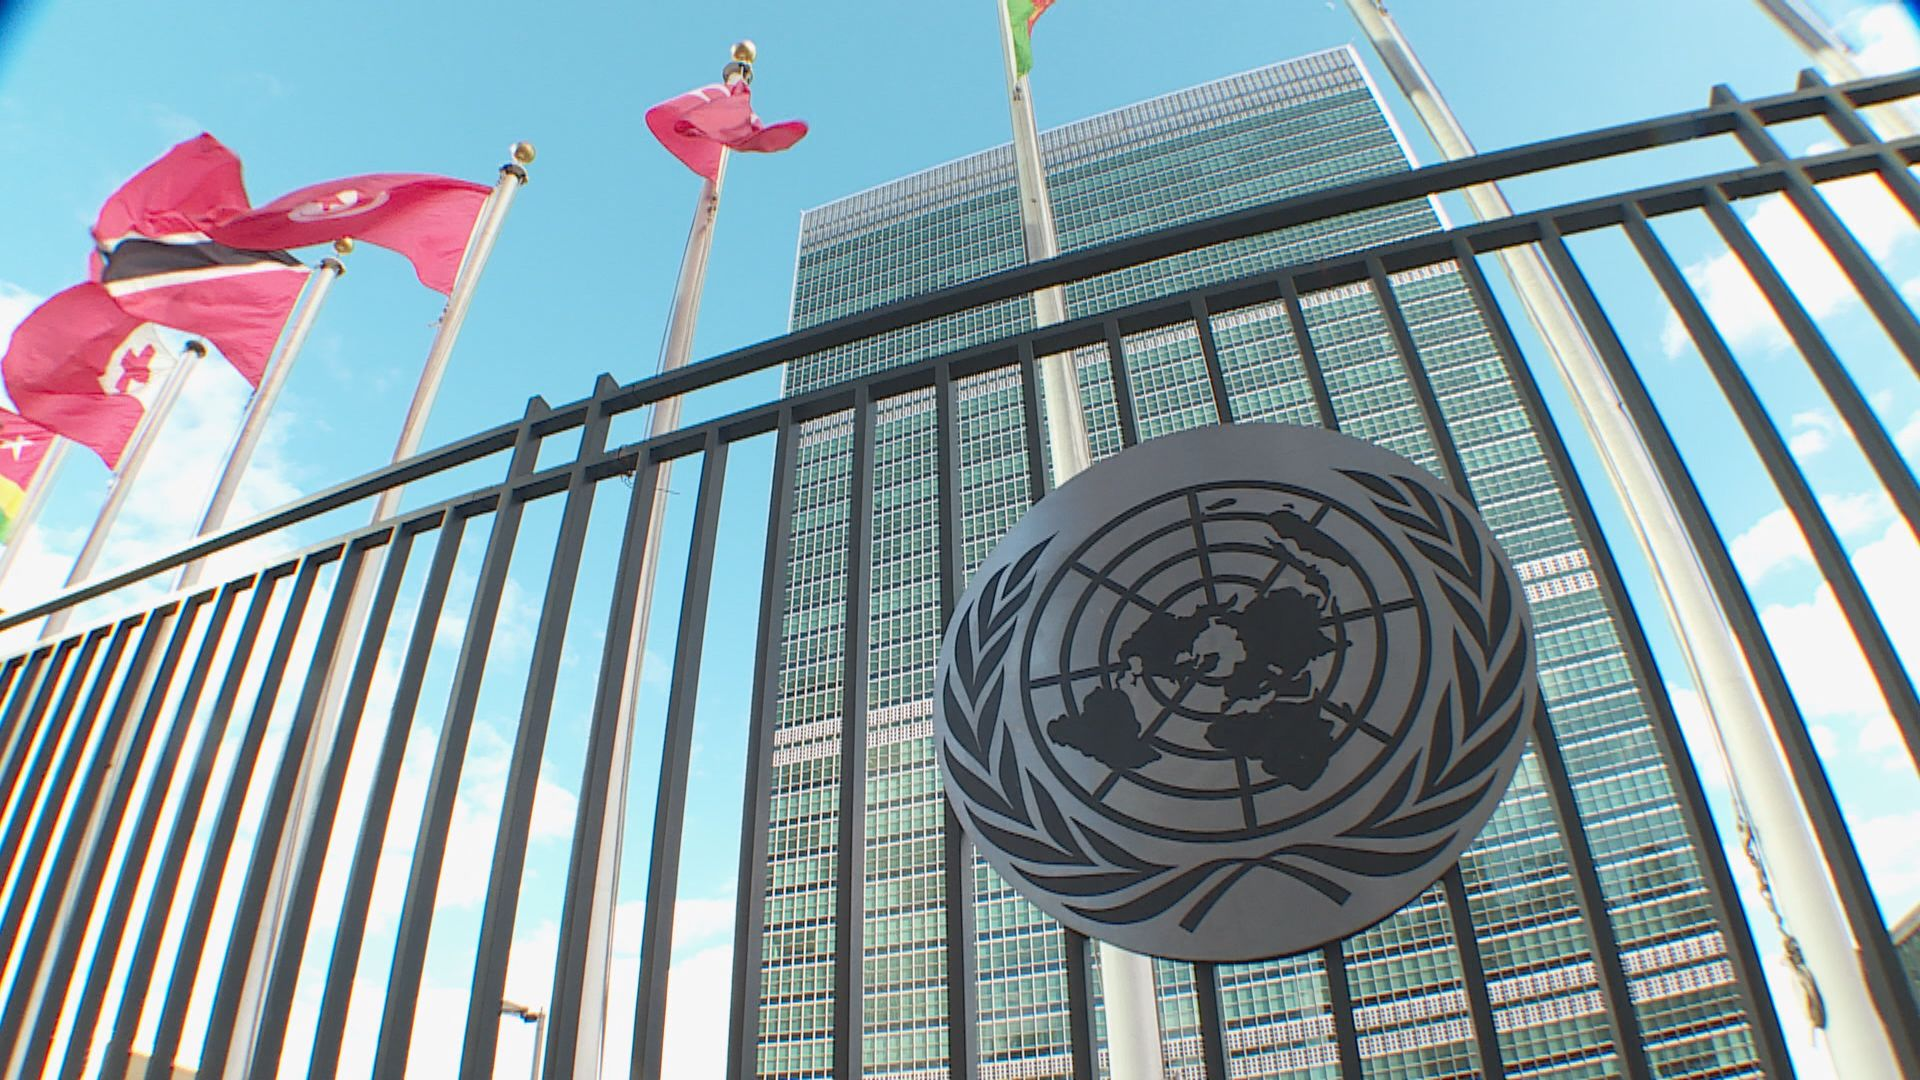 聯合國要求亞美尼亞阿塞拜疆即停火 周三將召緊急會議